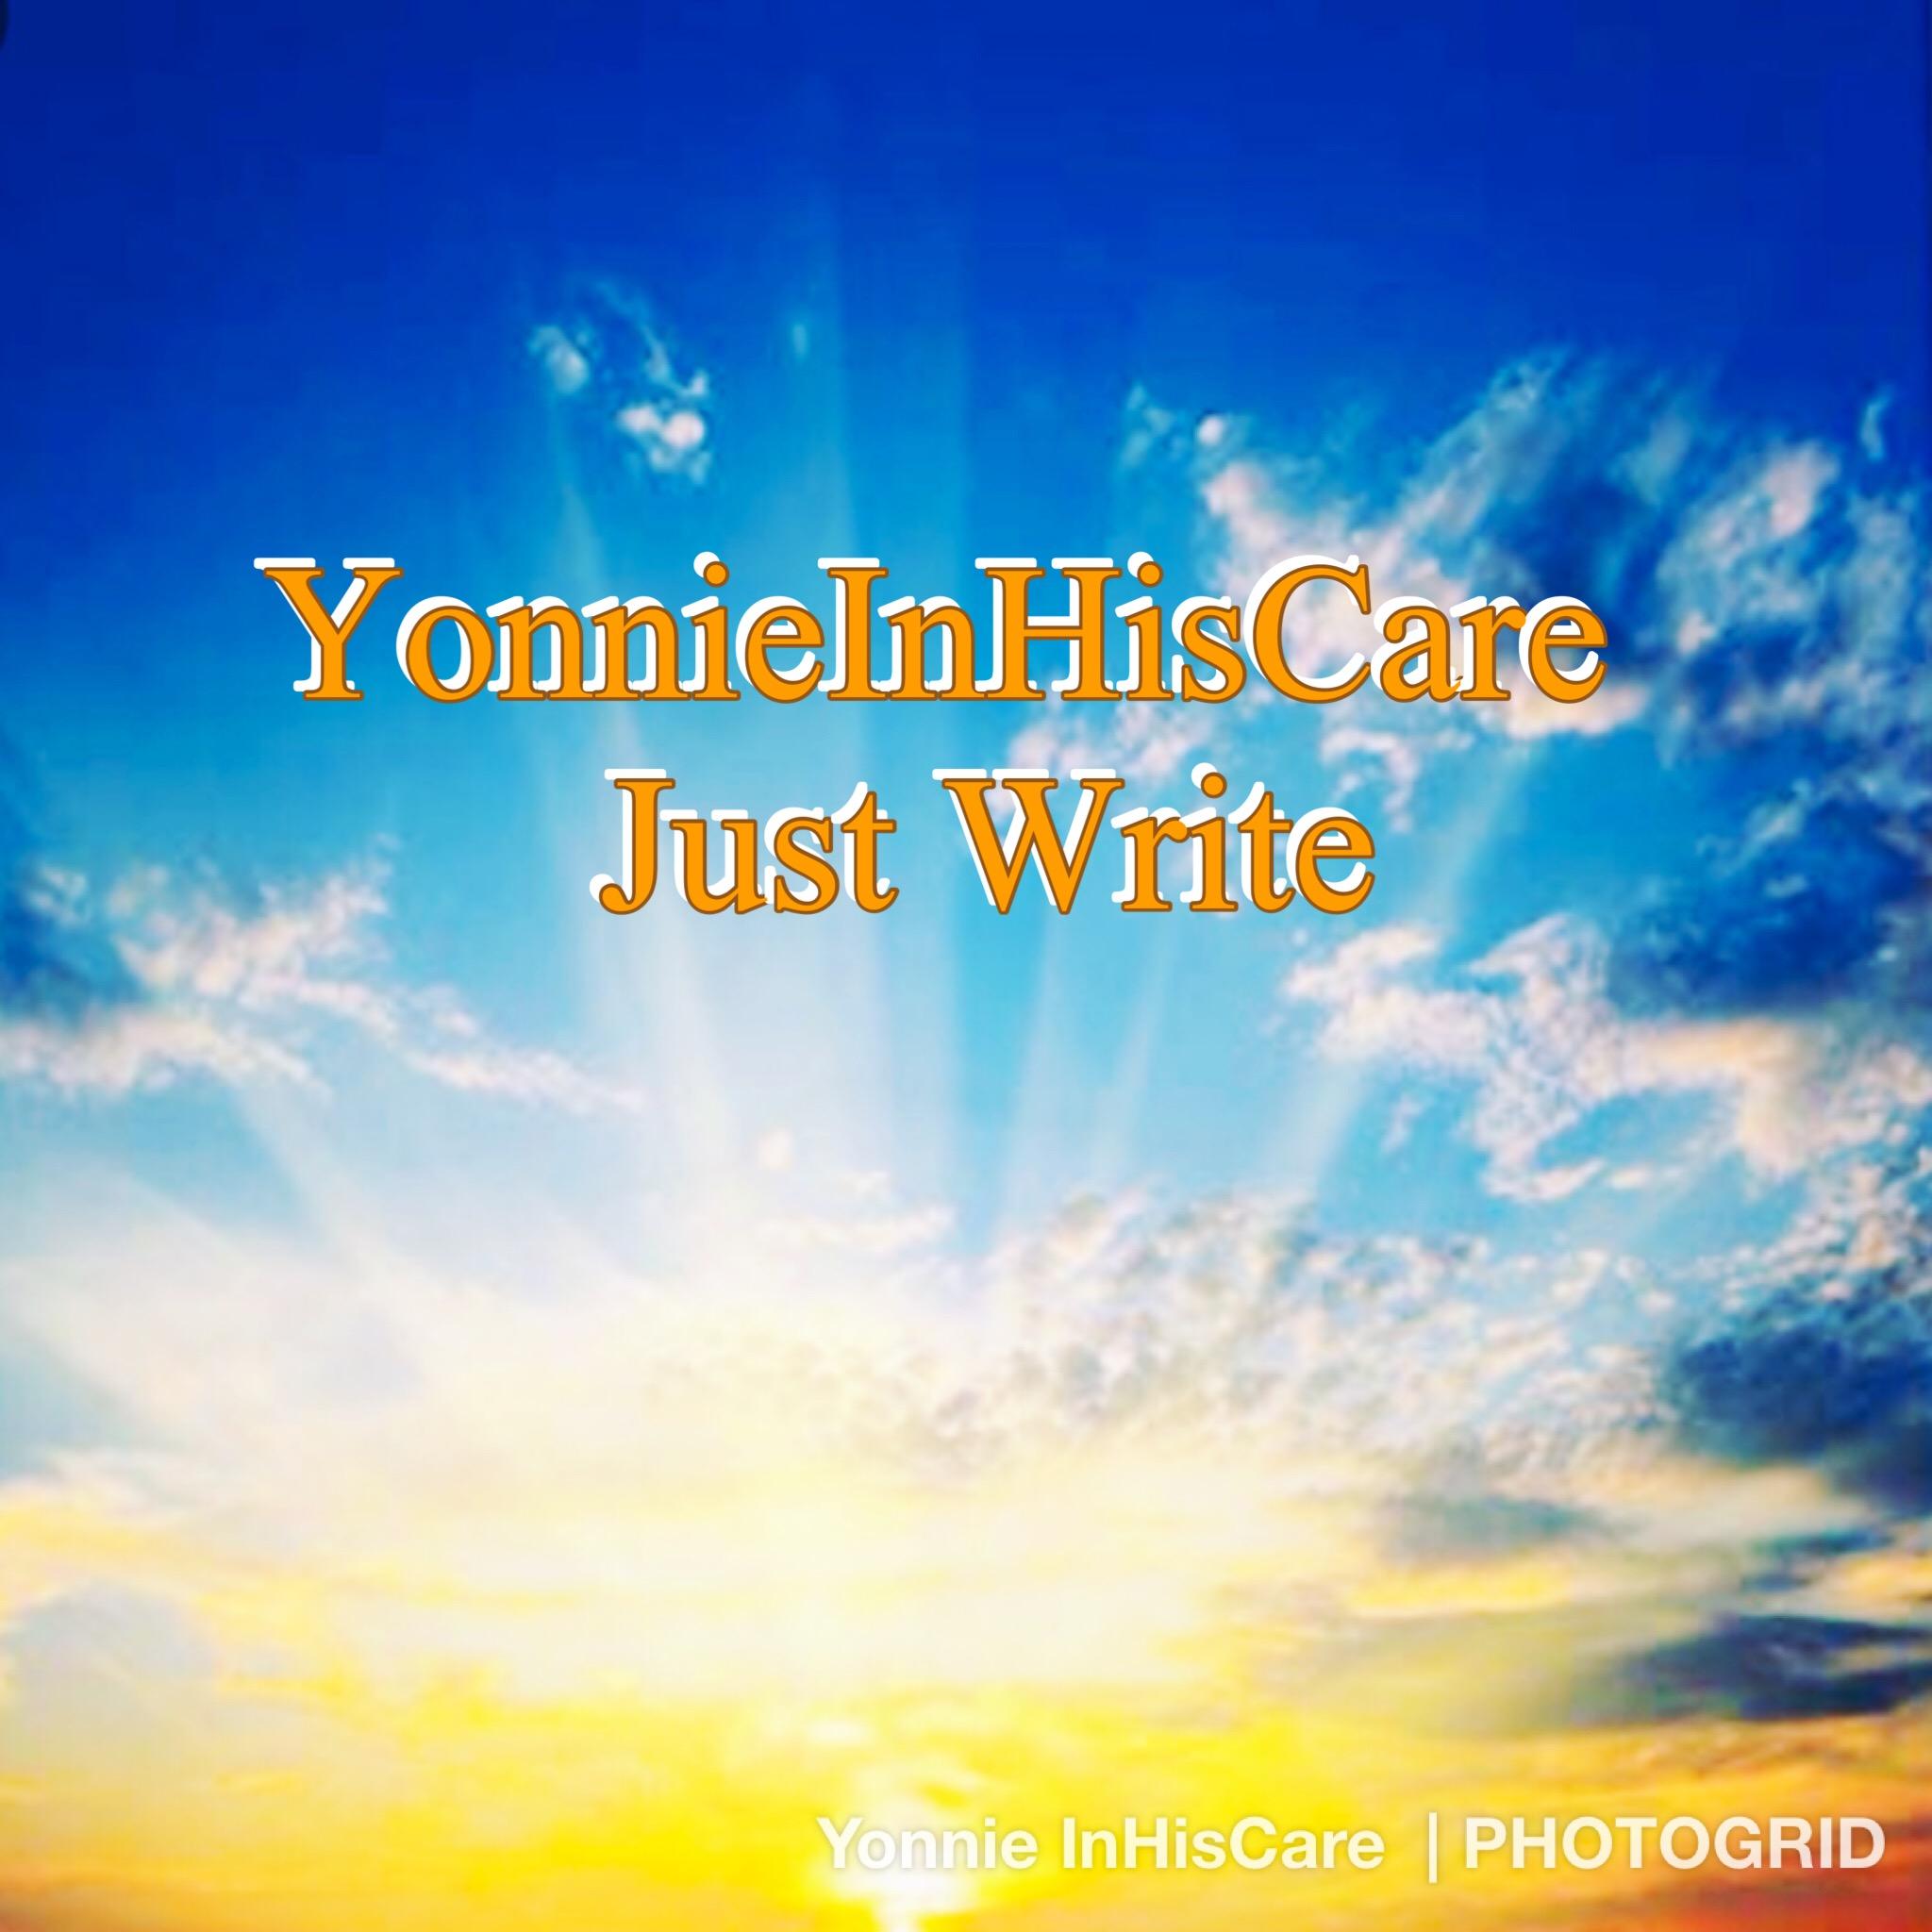 YonnieInHisCare